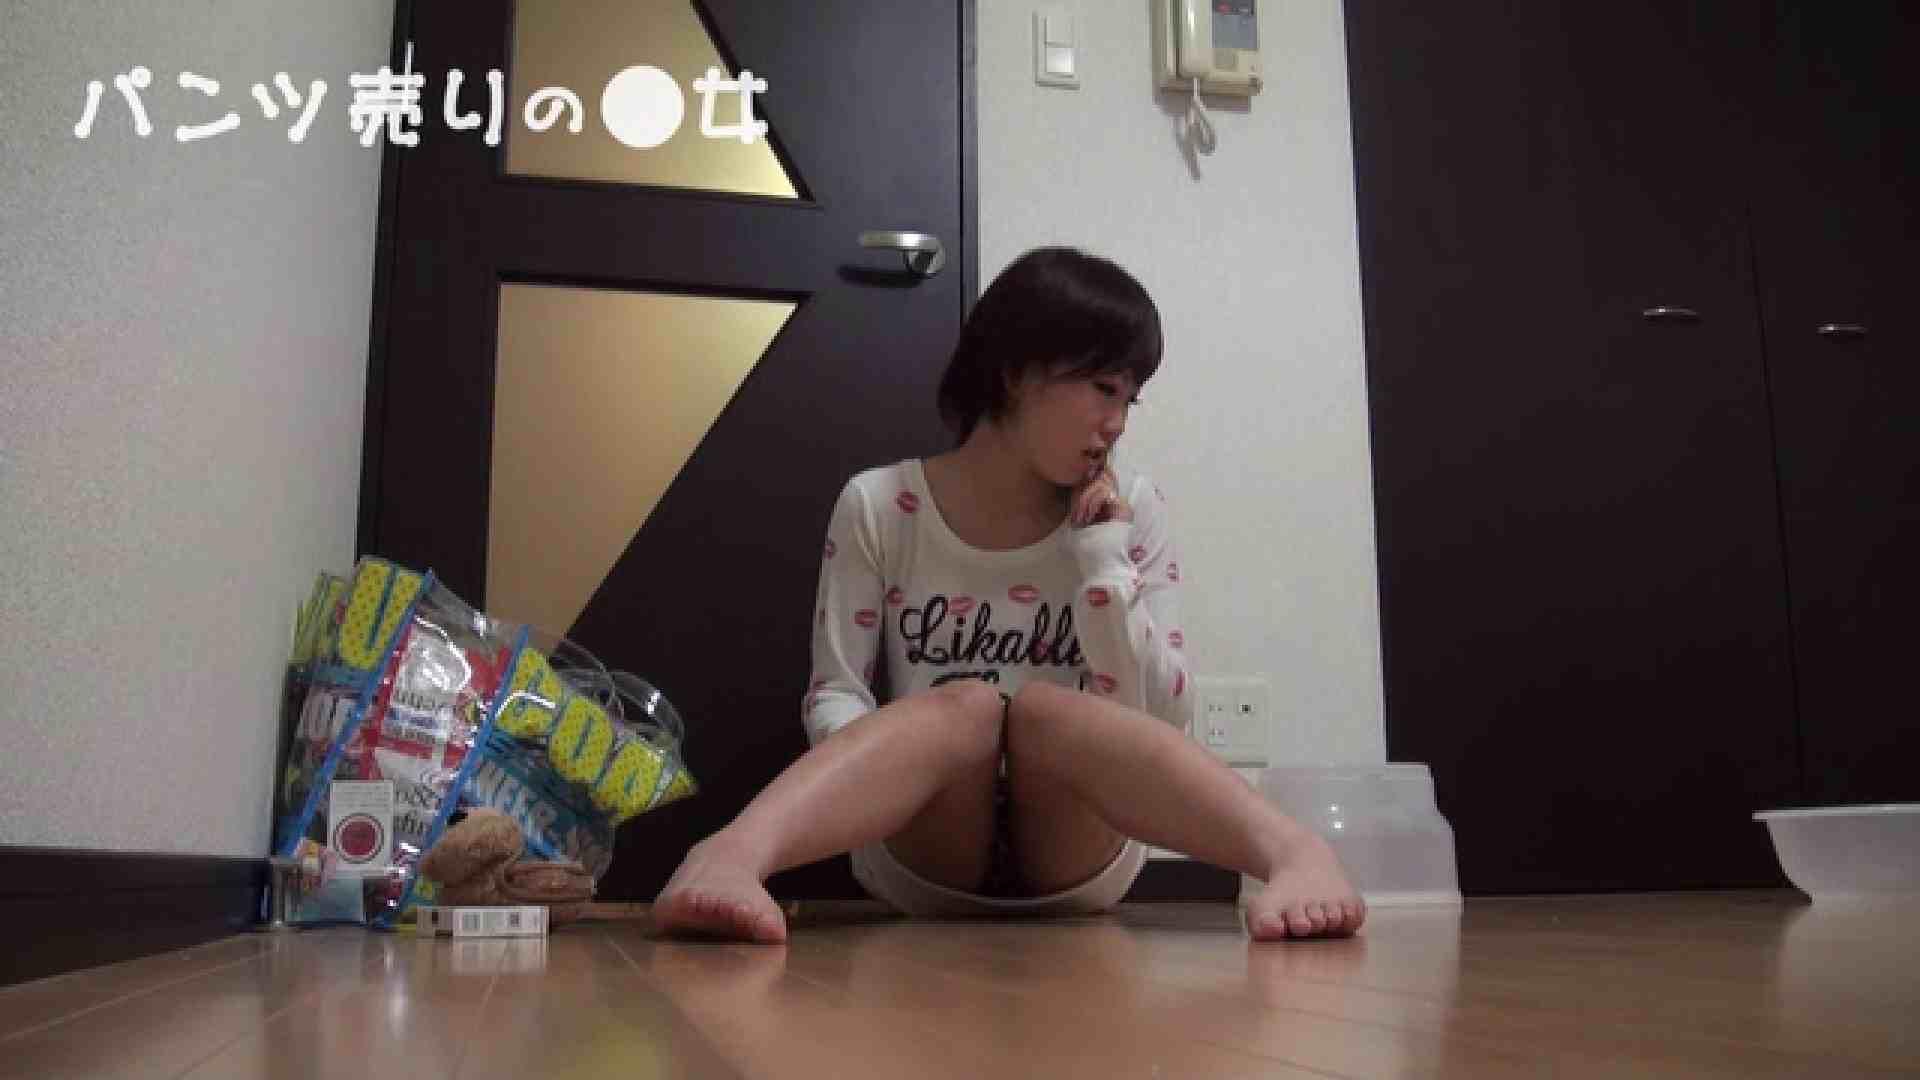 新説 パンツ売りの女の子nana 一般投稿  108枚 34